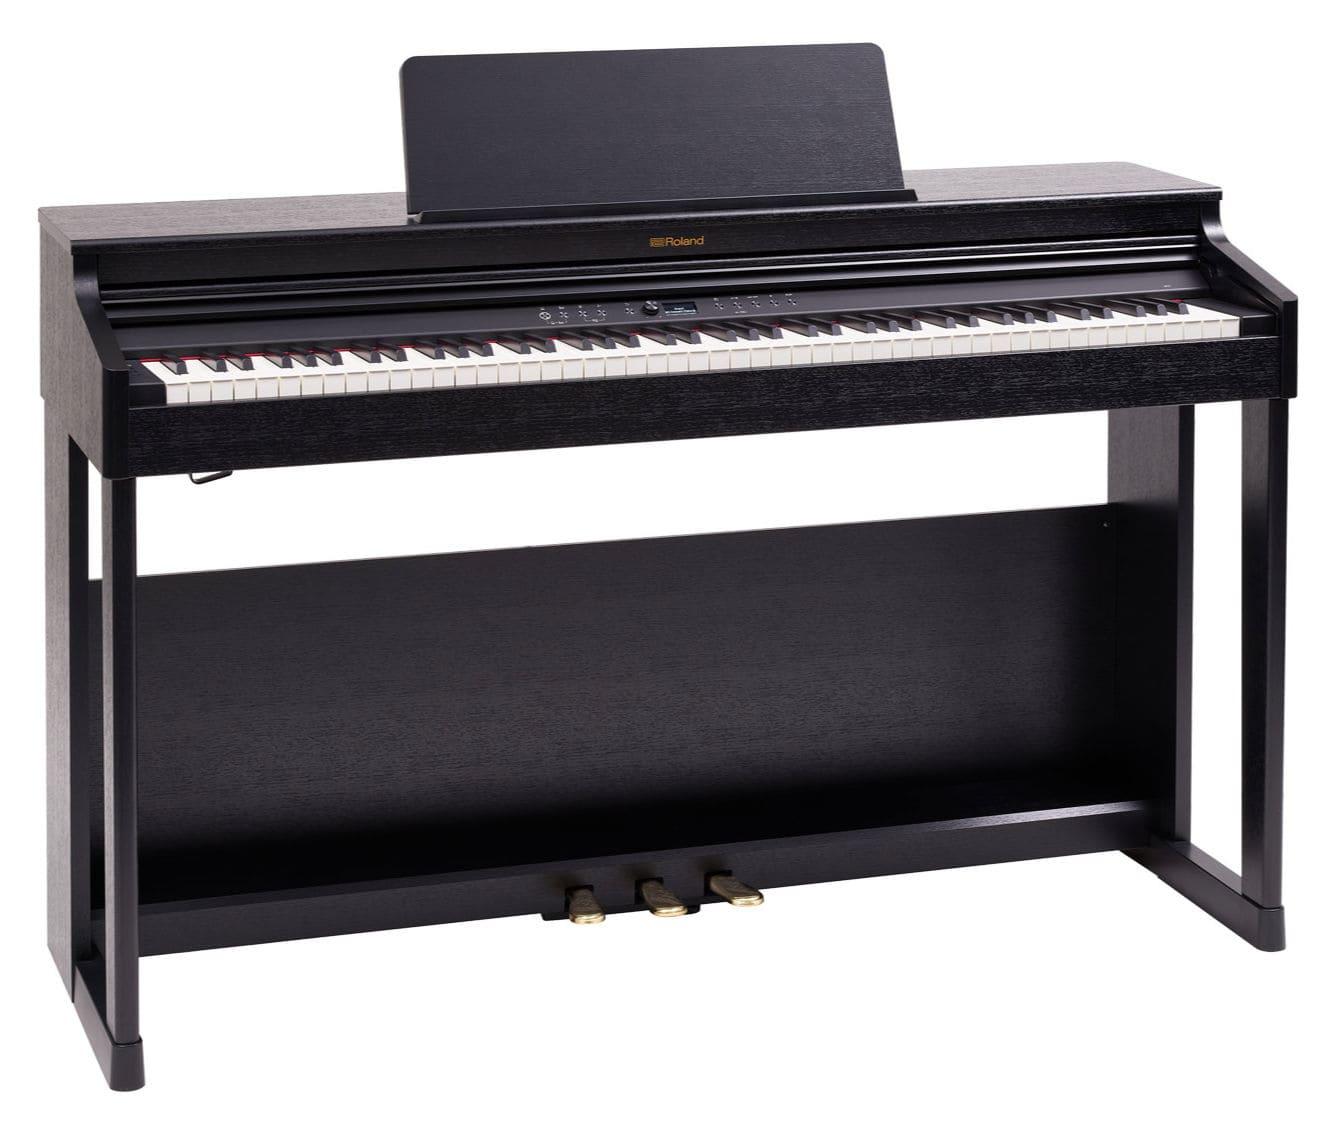 Digitalpianos - Roland RP701 CB Digitalpiano Schwarz - Onlineshop Musikhaus Kirstein